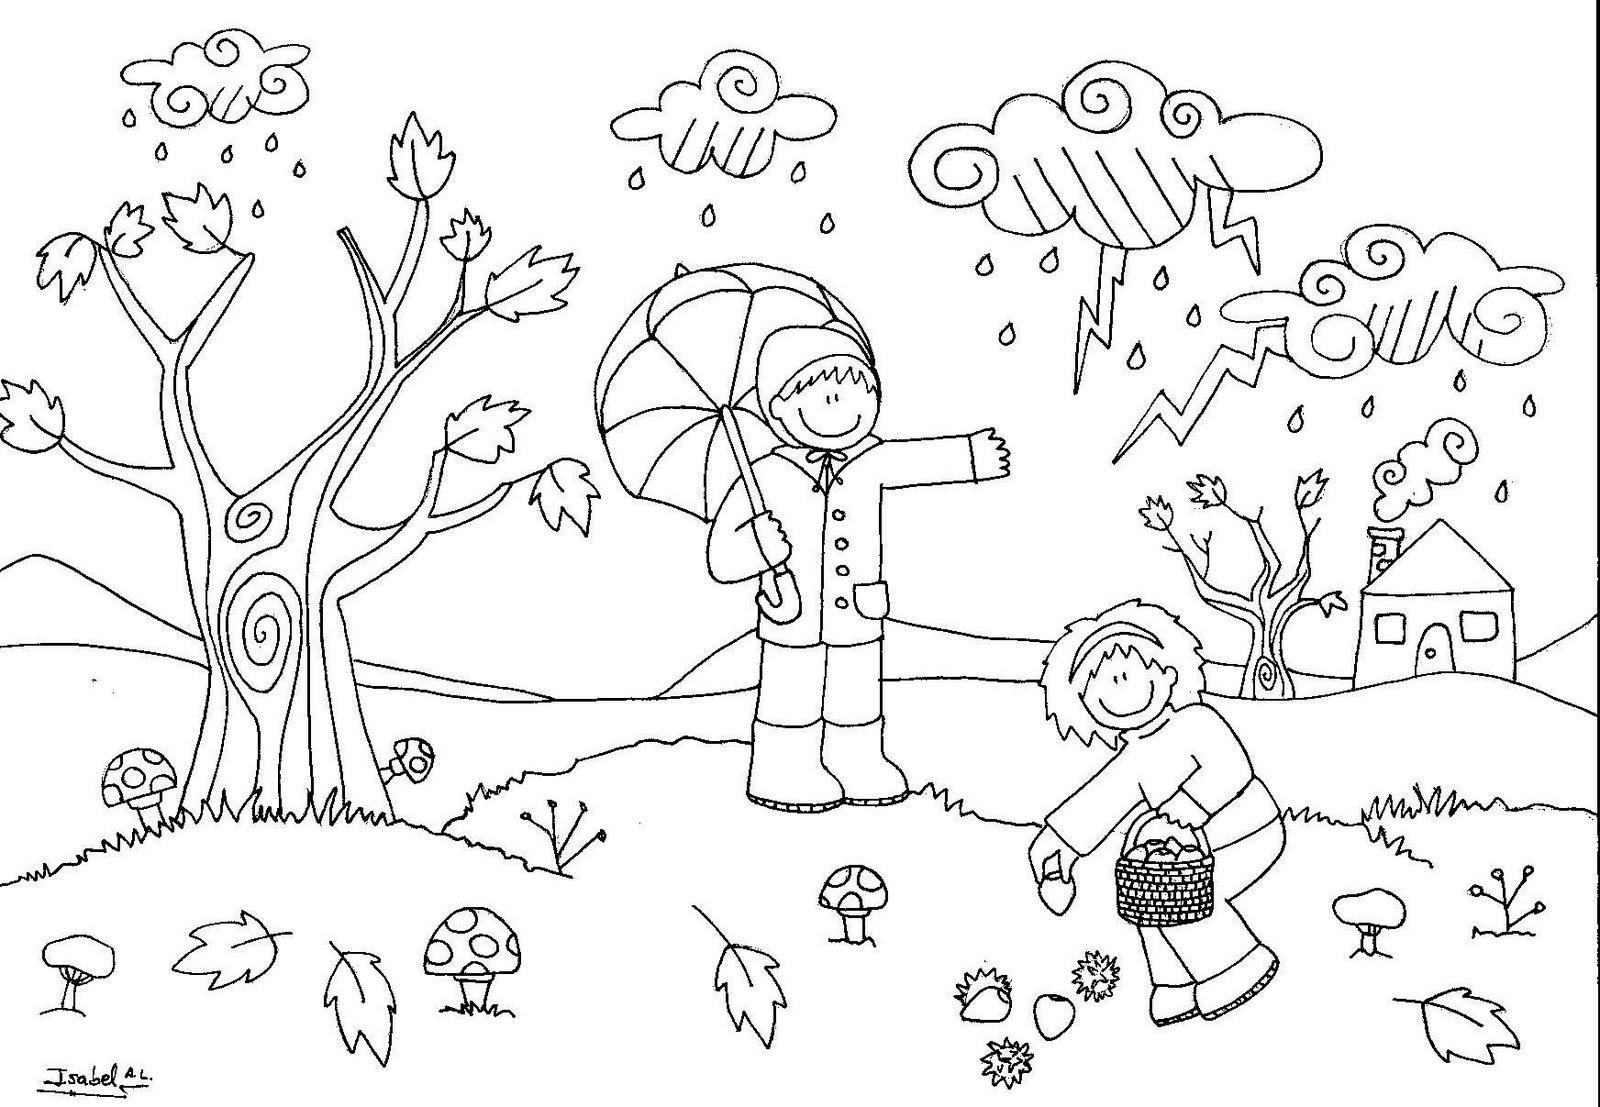 Dibujos De Las 4 Estaciones Para Colorear: Dibujos De Estaciones Del Año Para Colorear